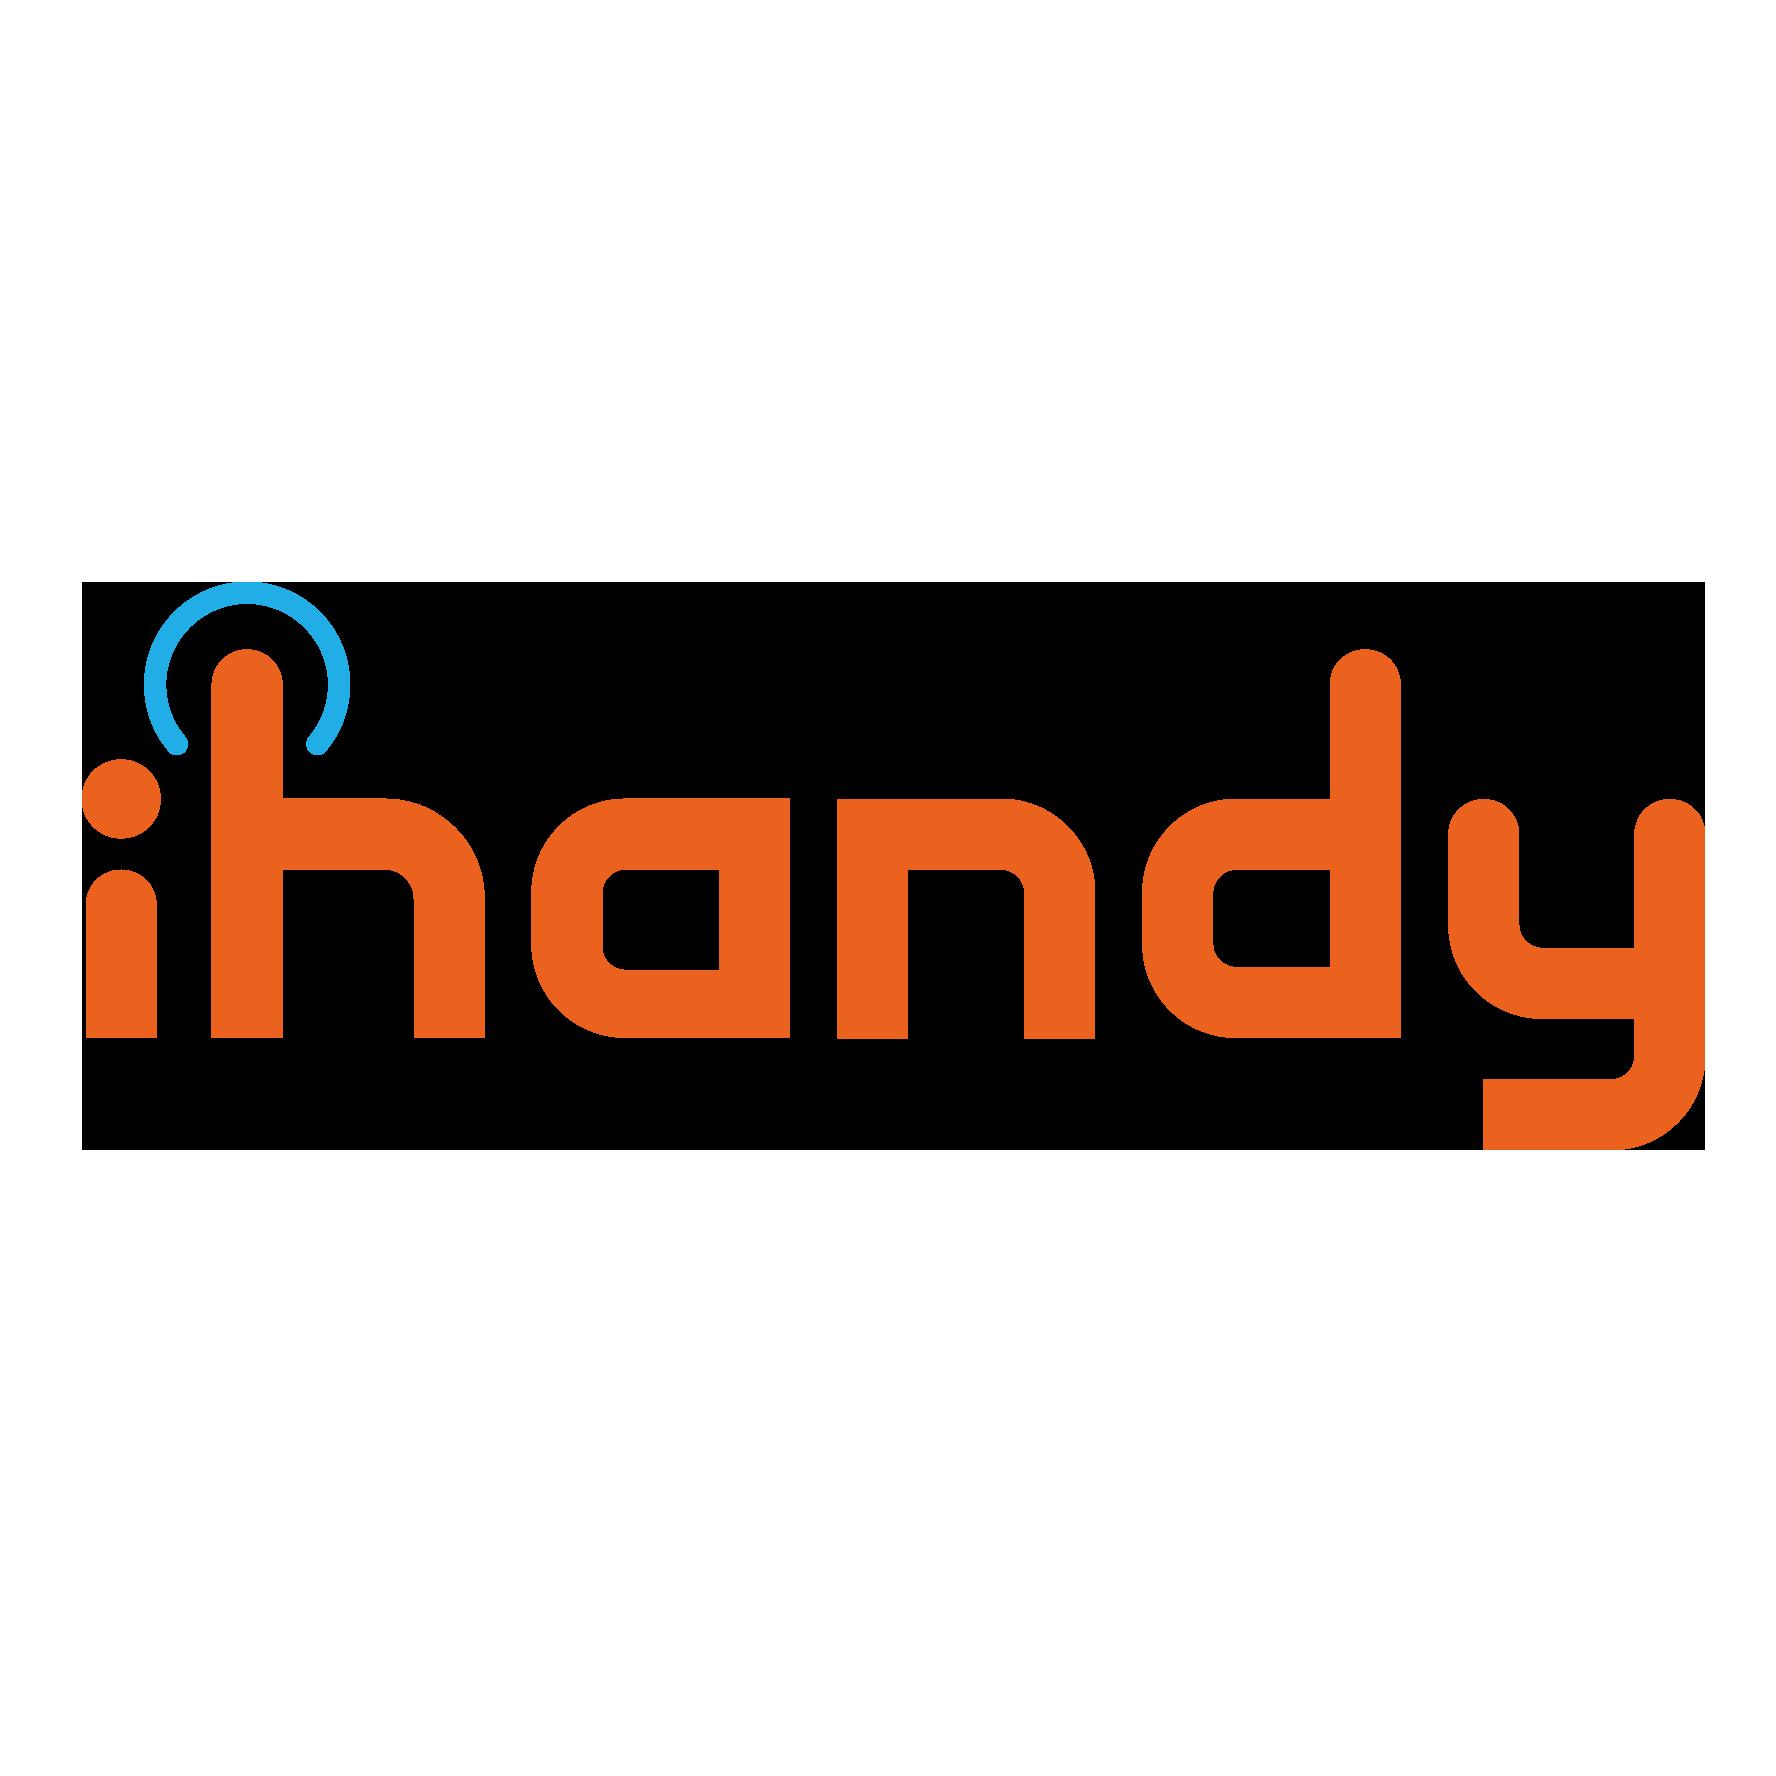 iHandy